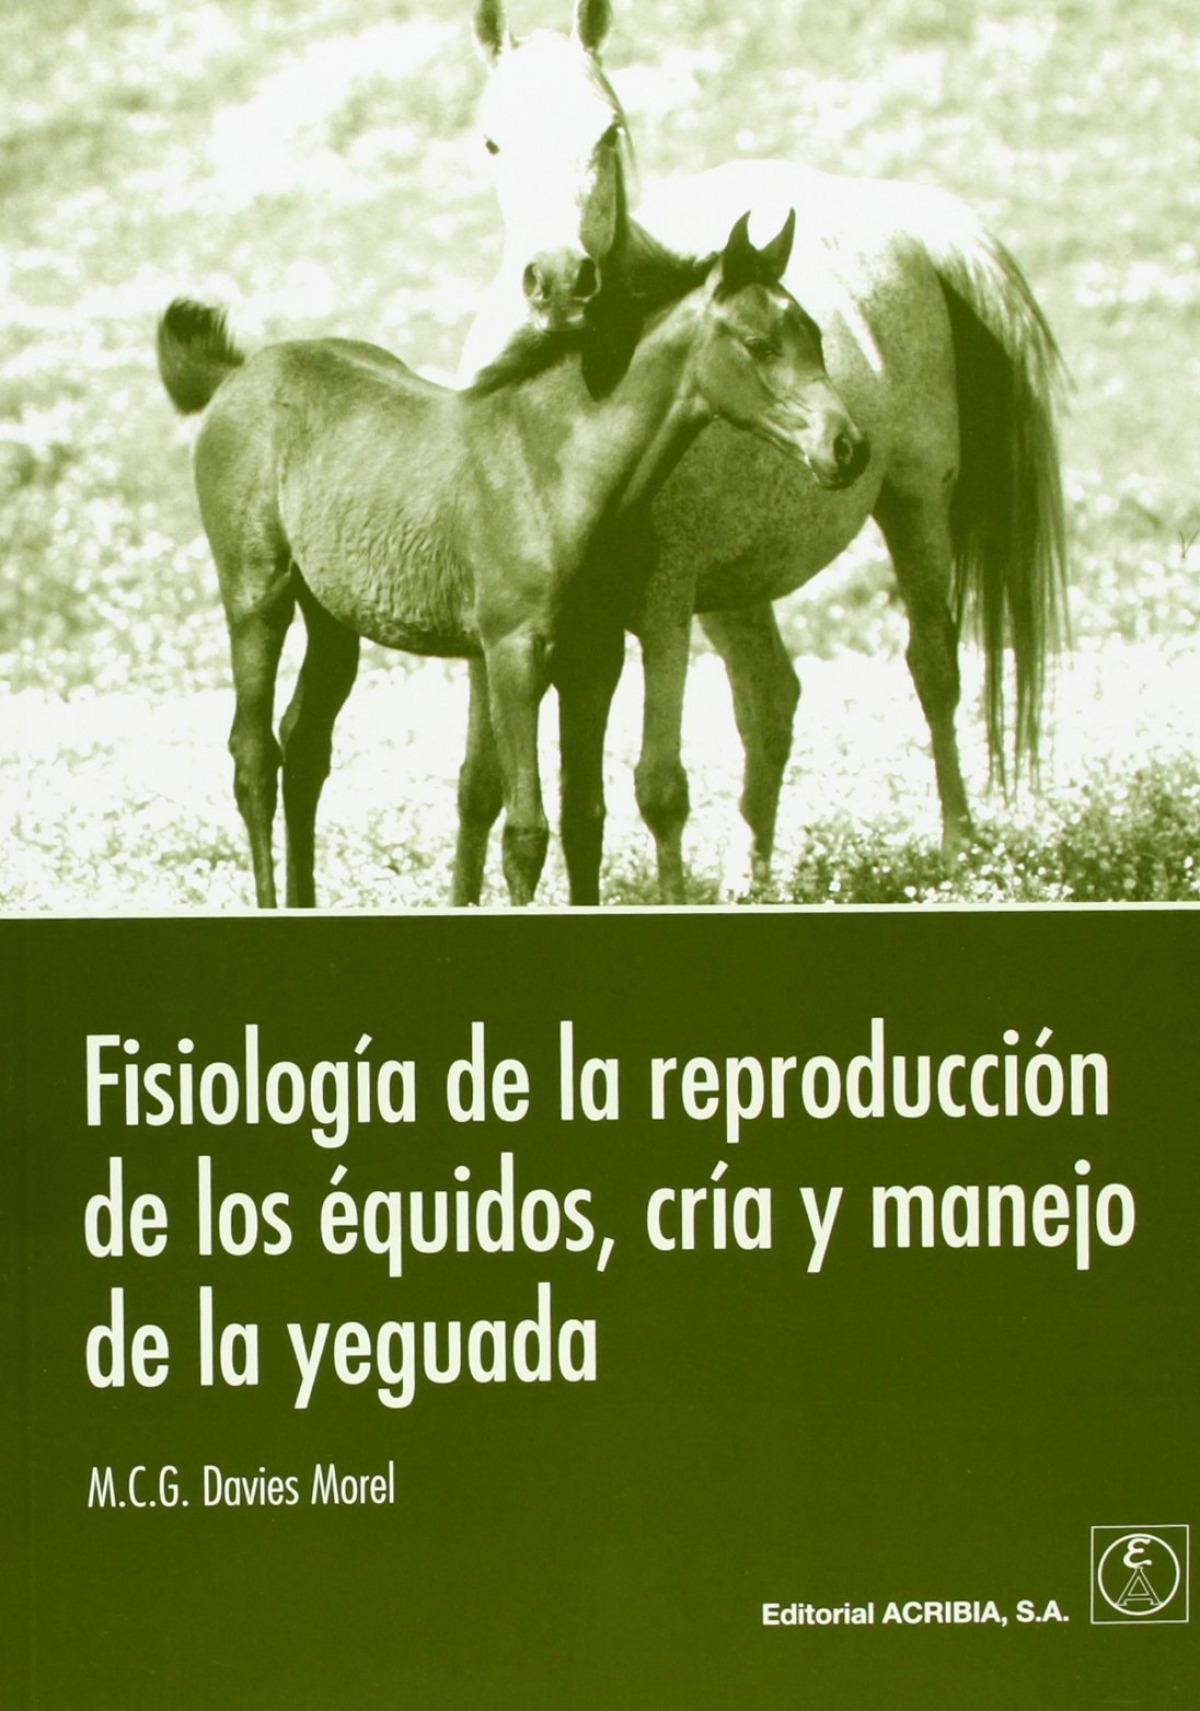 FISIOLOGÍA DE LA REPRODUCCIÓN DE LOS ÉQUIDOS, CRÍA/MANEJO DE LA YEGUADA